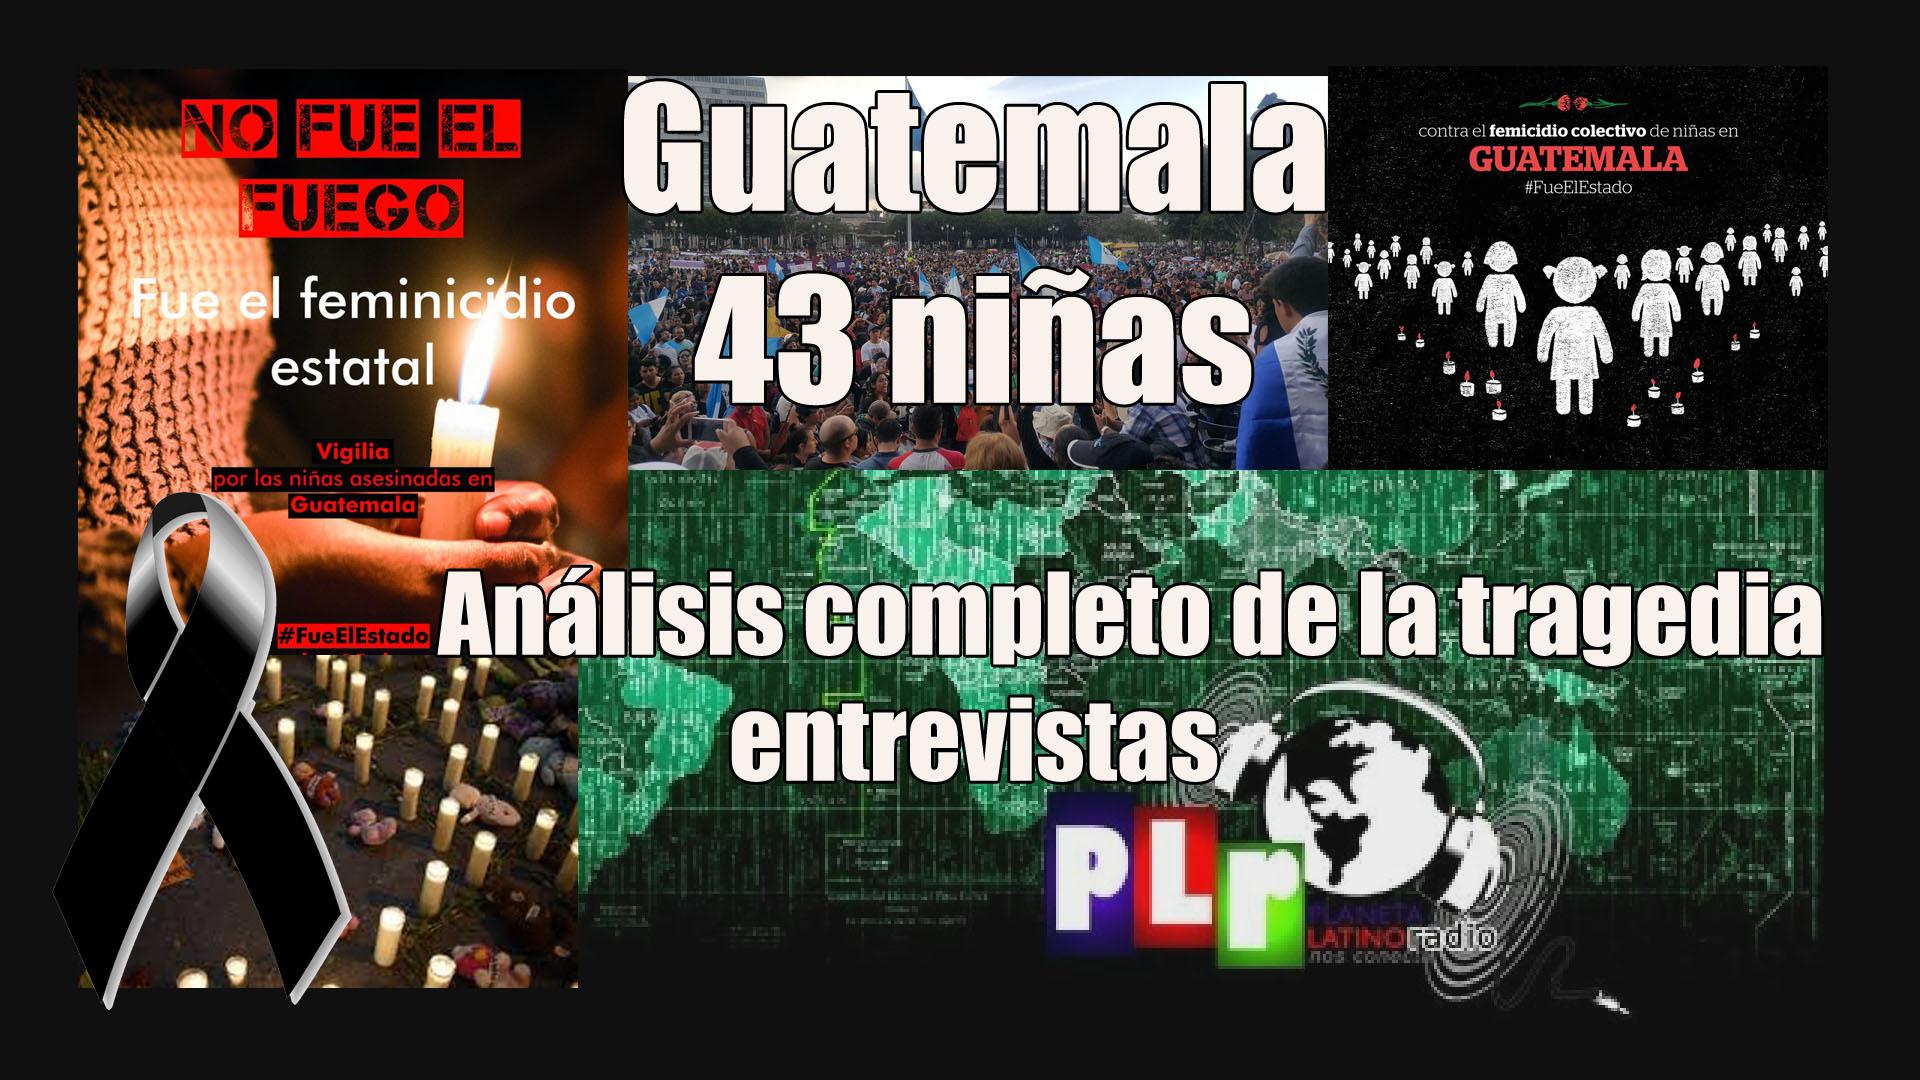 Especial #Guatemala. 43 niñas y adolescentes muertas #FueElEstado